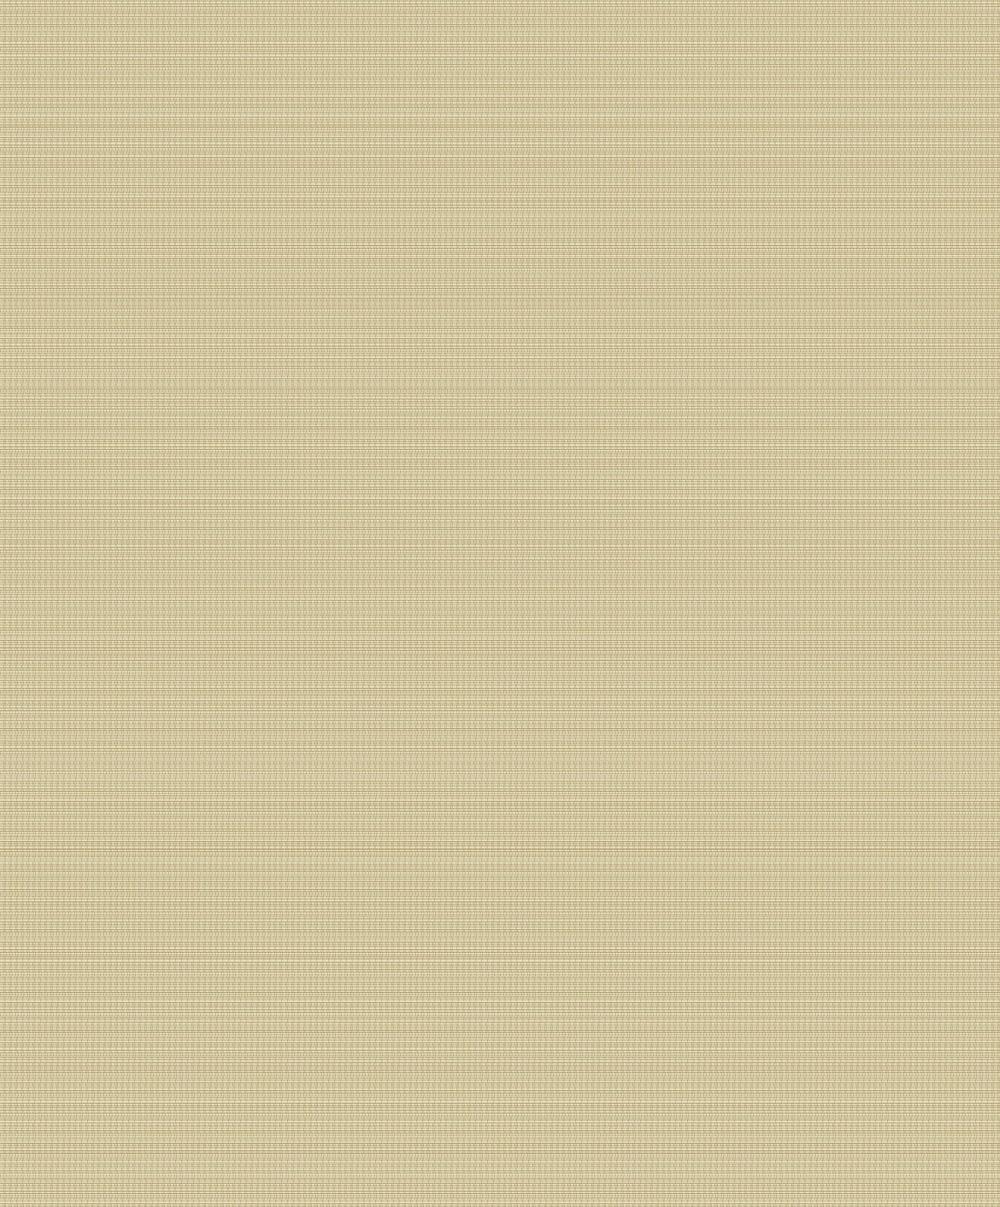 арт. 1074-05